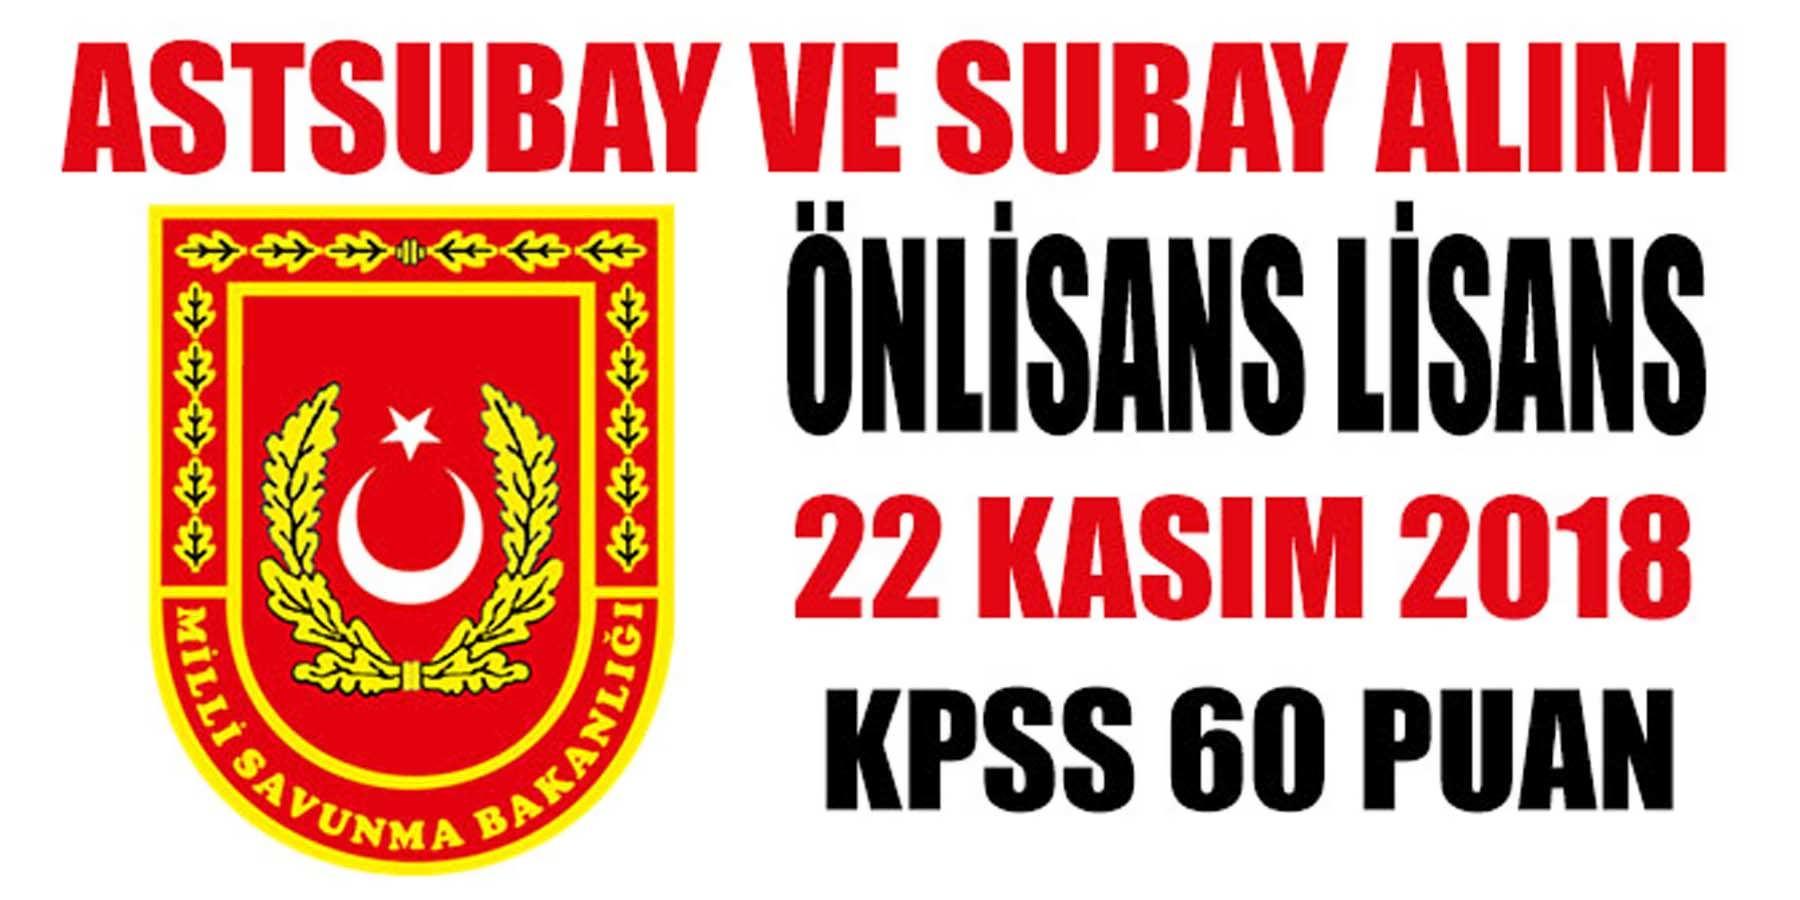 MSB KPSS 60 Puanla Astsubay ve Subay Alımı Yapıyor